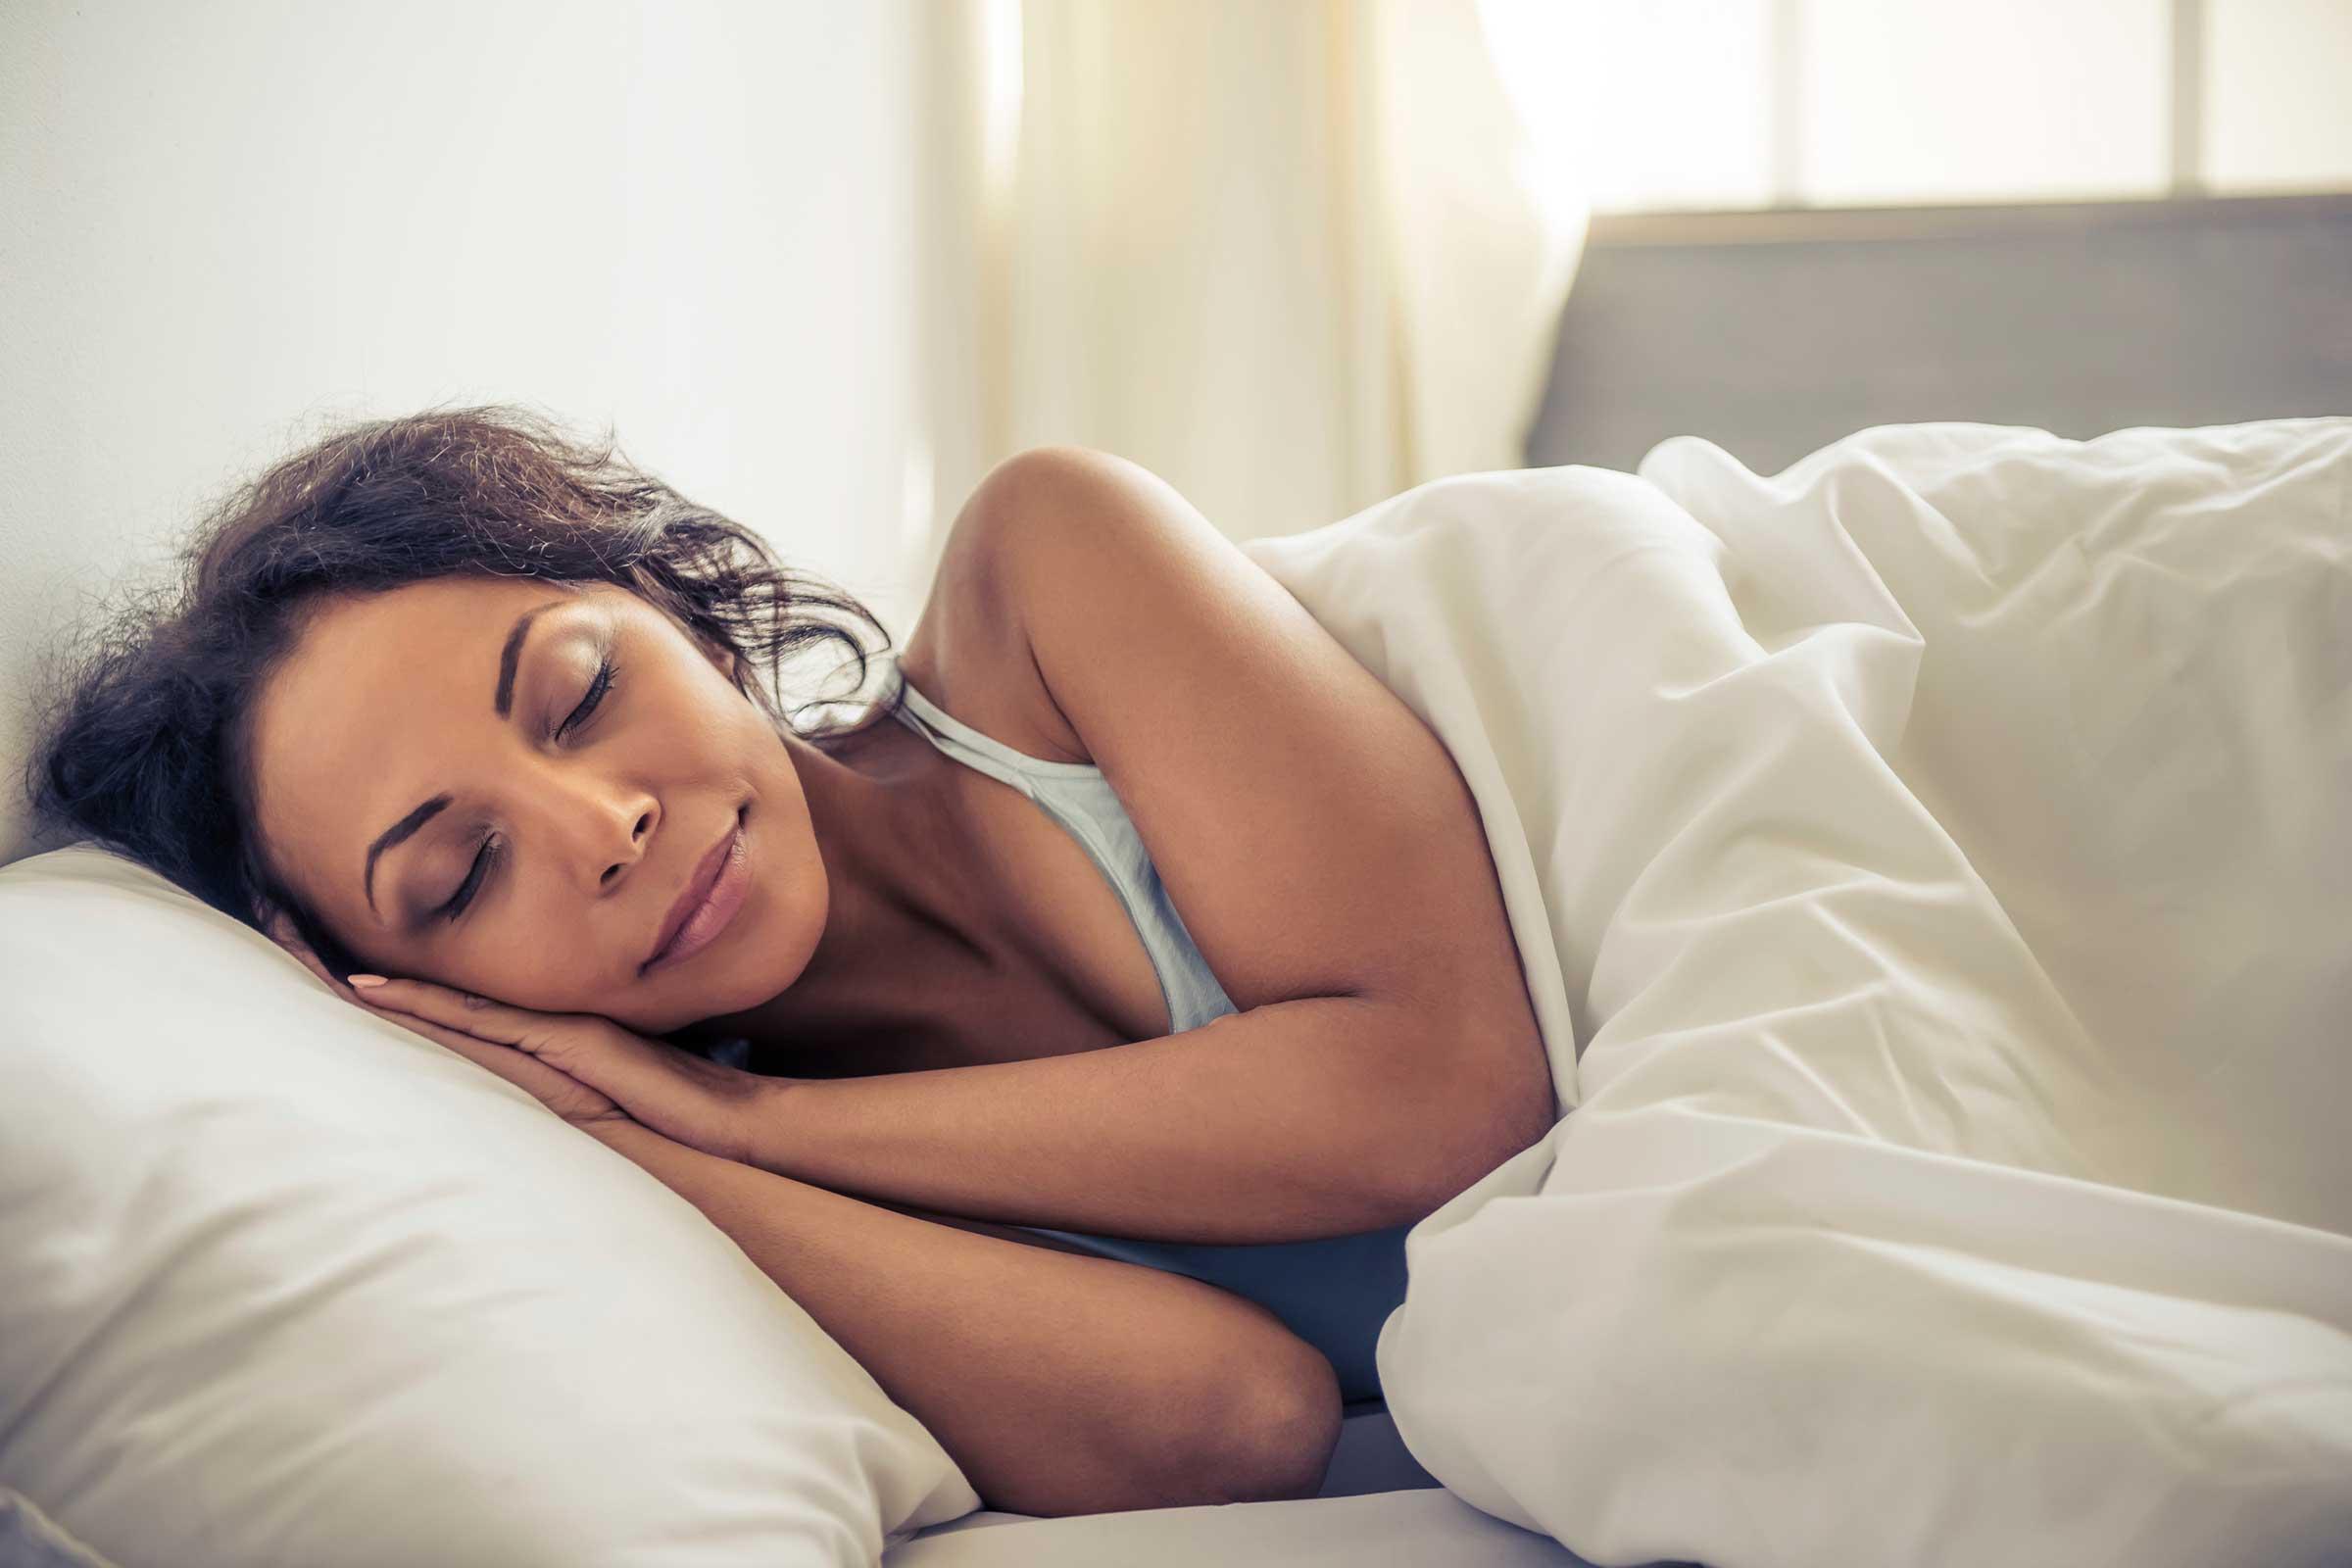 Juice reccomend College girls sleeping wide